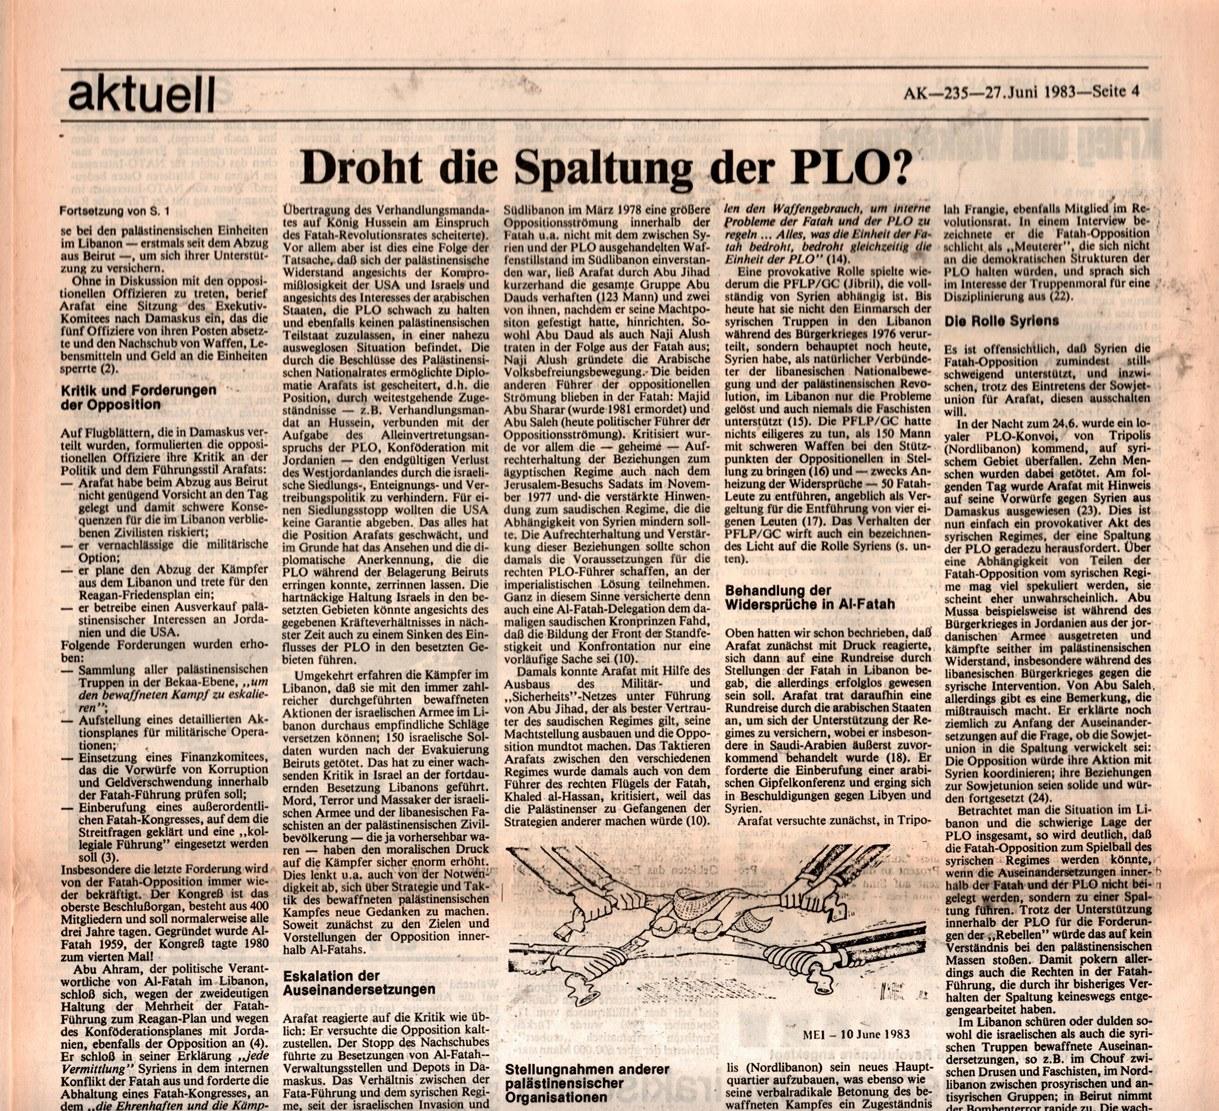 KB_AK_1983_235_007